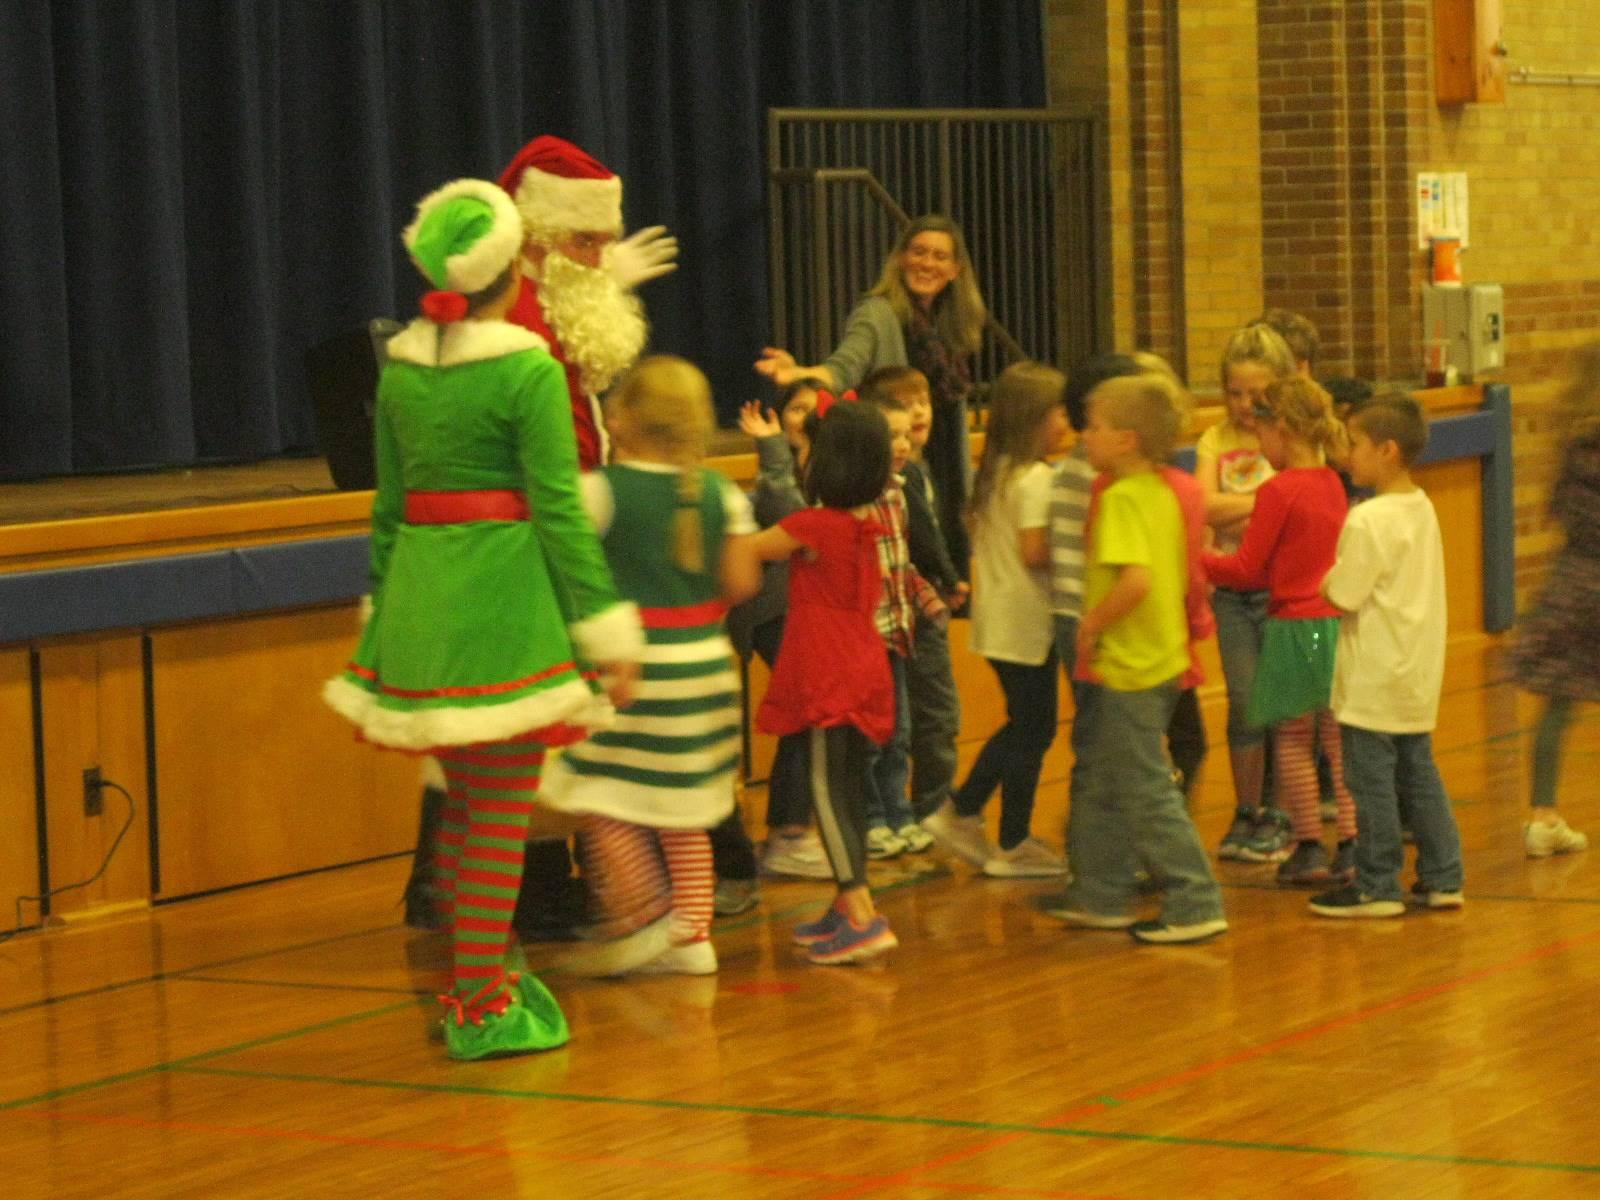 Santa and Elf greet kids.